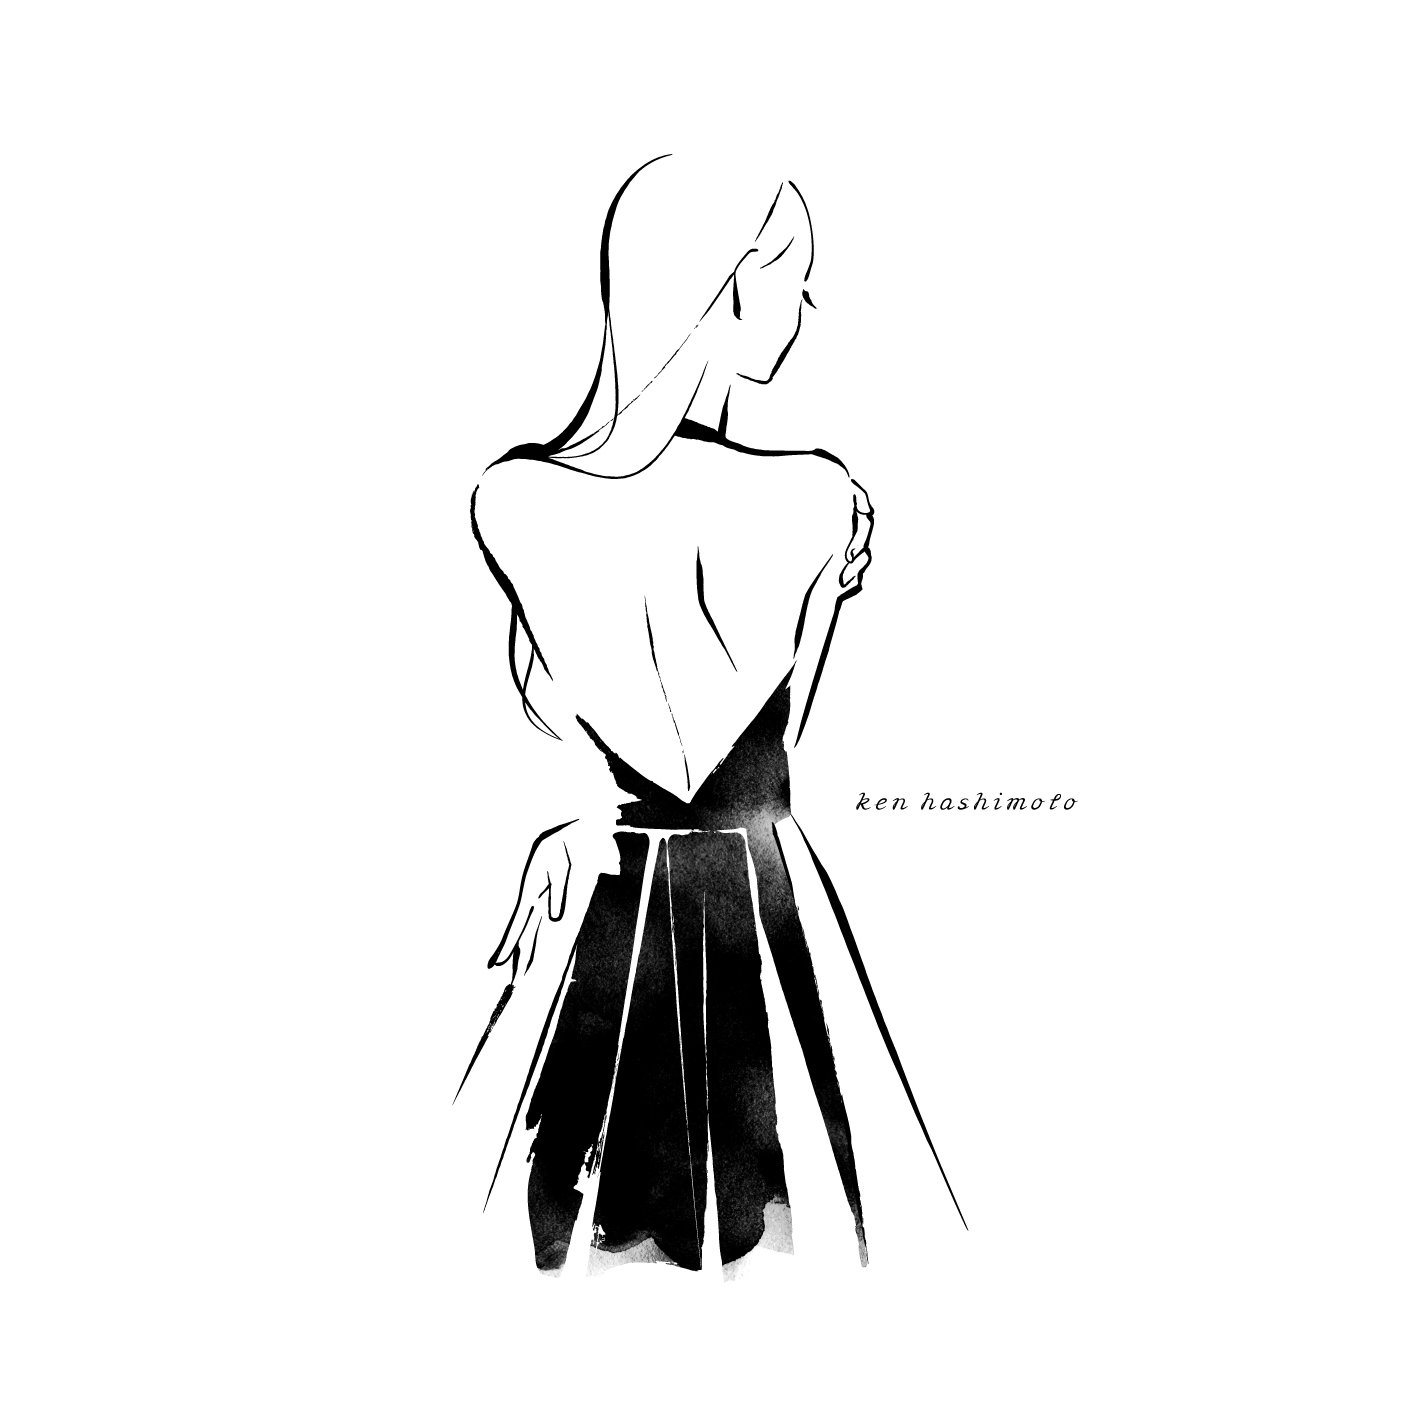 オープンバックドレスの女性イラスト